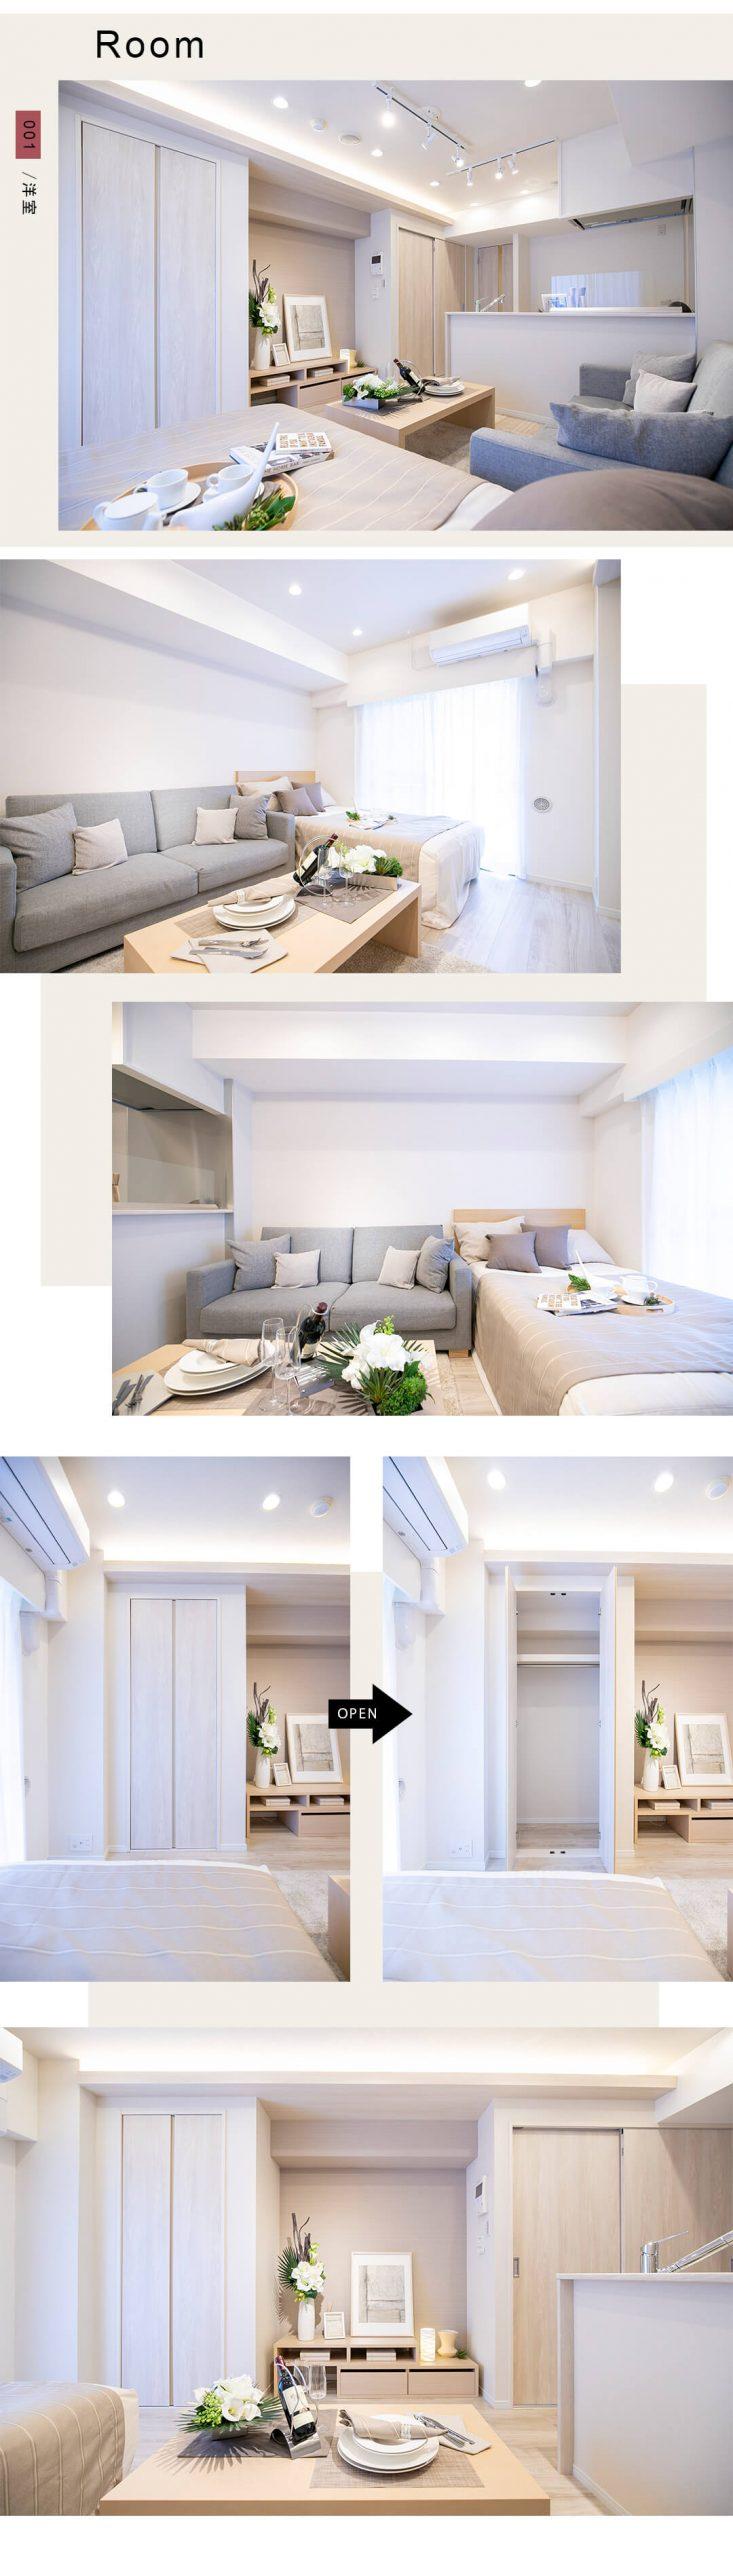 001洋室,Room